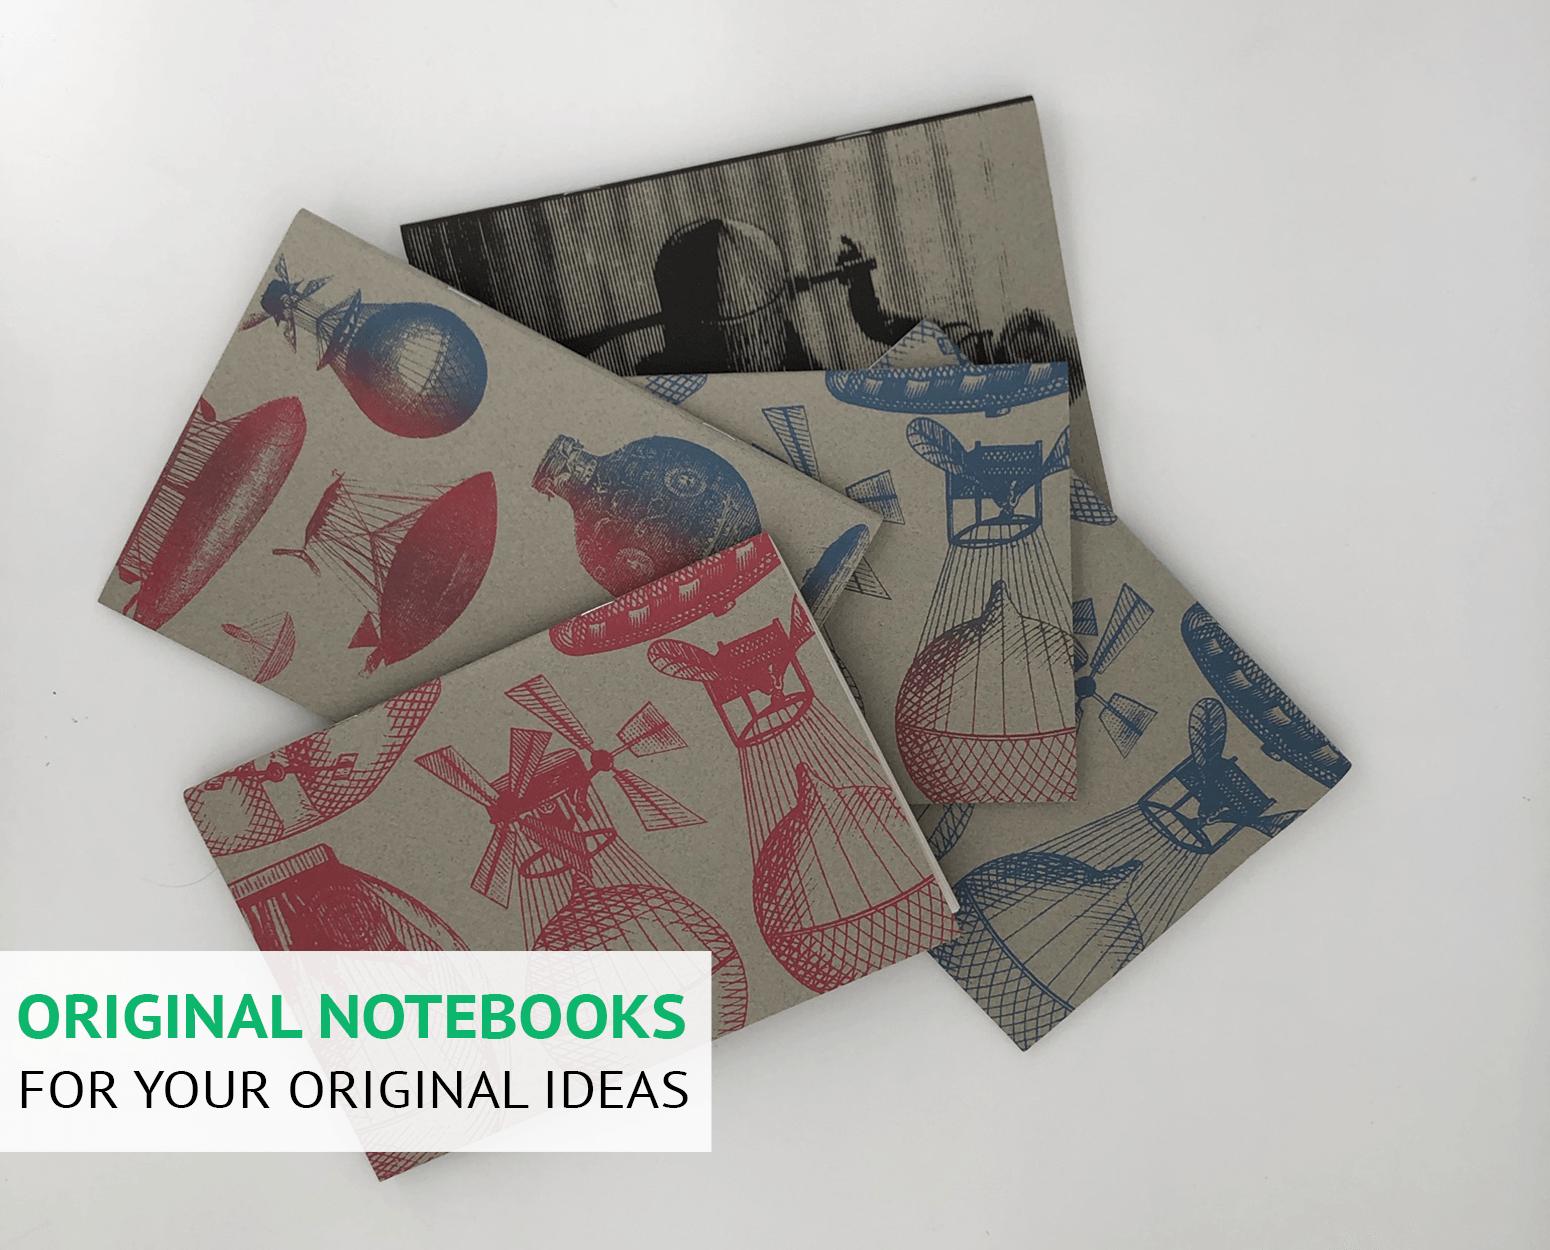 Original notebooks for your original ideas